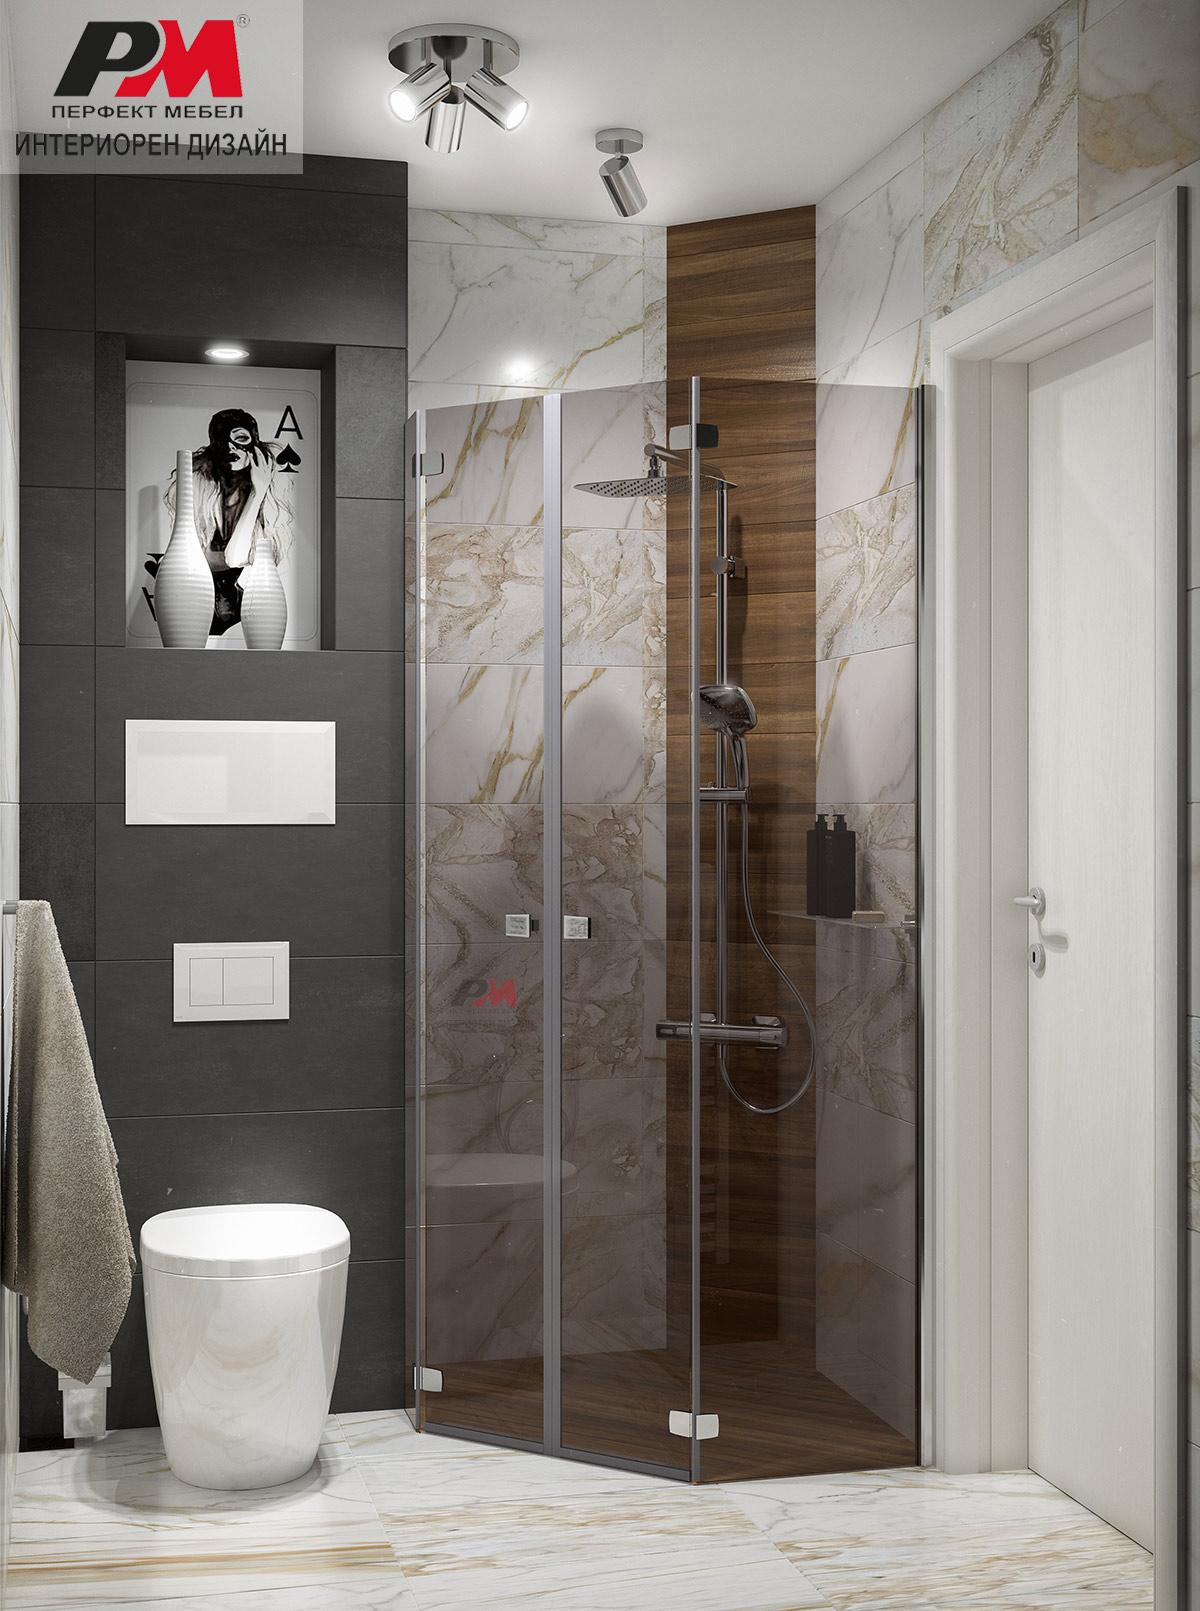 Истински стил и лукс в съвременния интериор на градска баня в модерни тонове